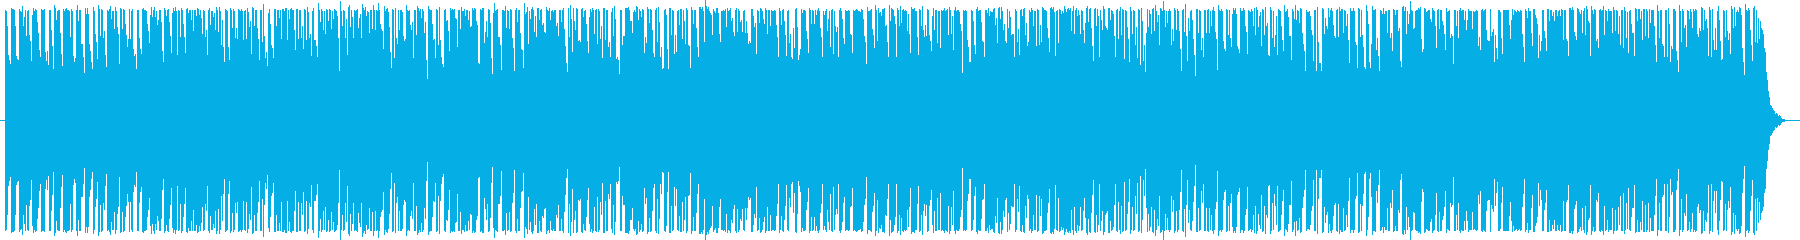 明るくてかわいいテクノポップの再生済みの波形